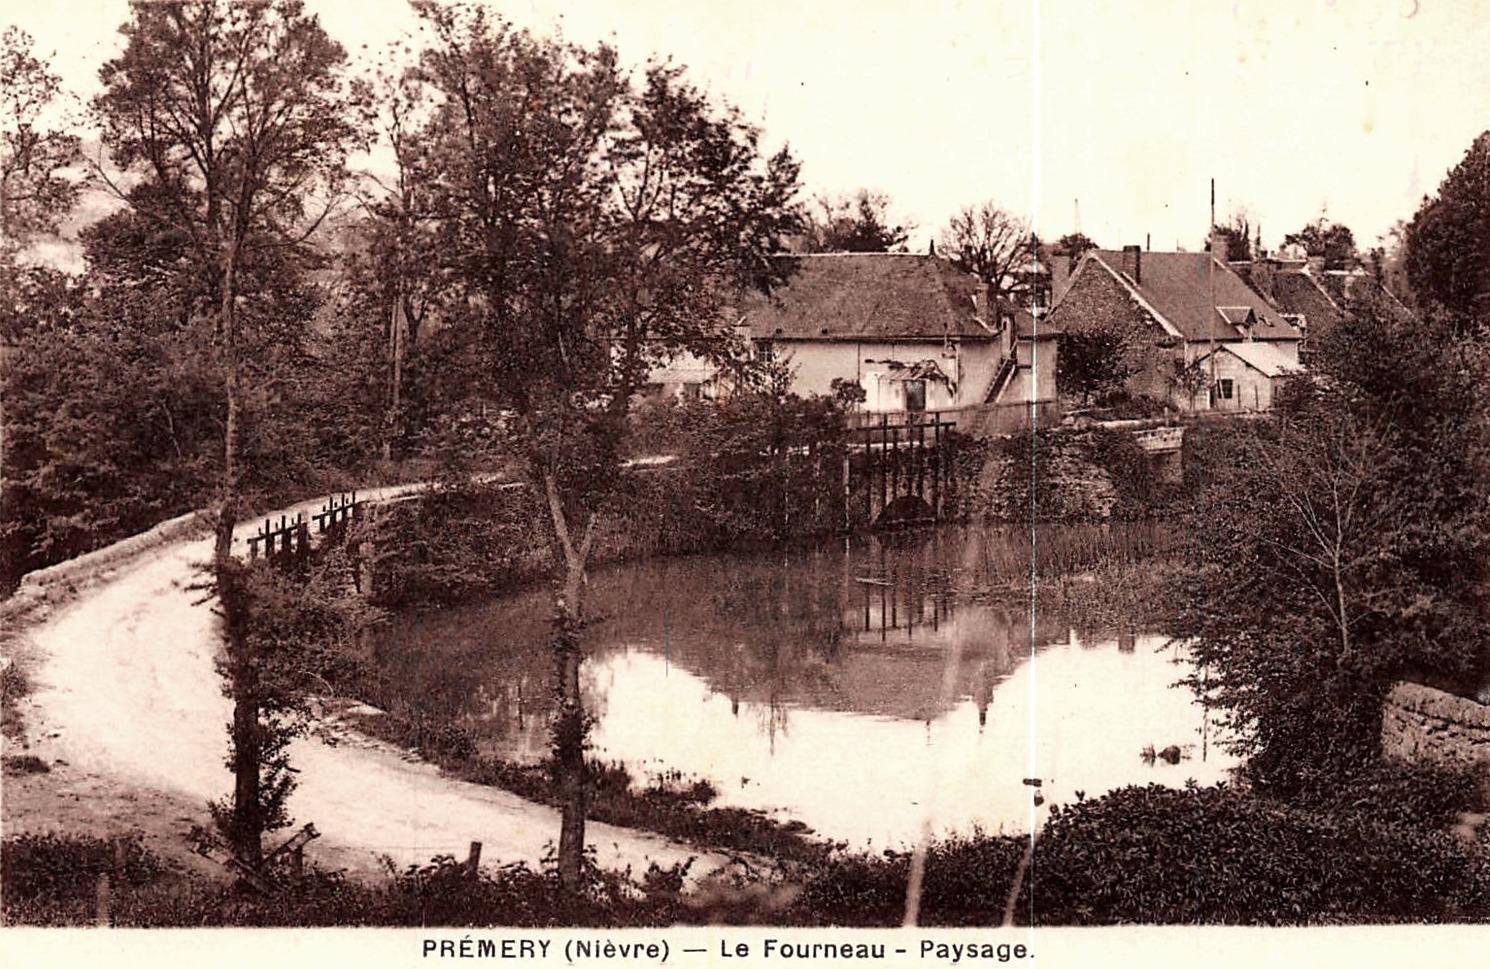 Prémery (Nièvre) Le Fourneau CPA